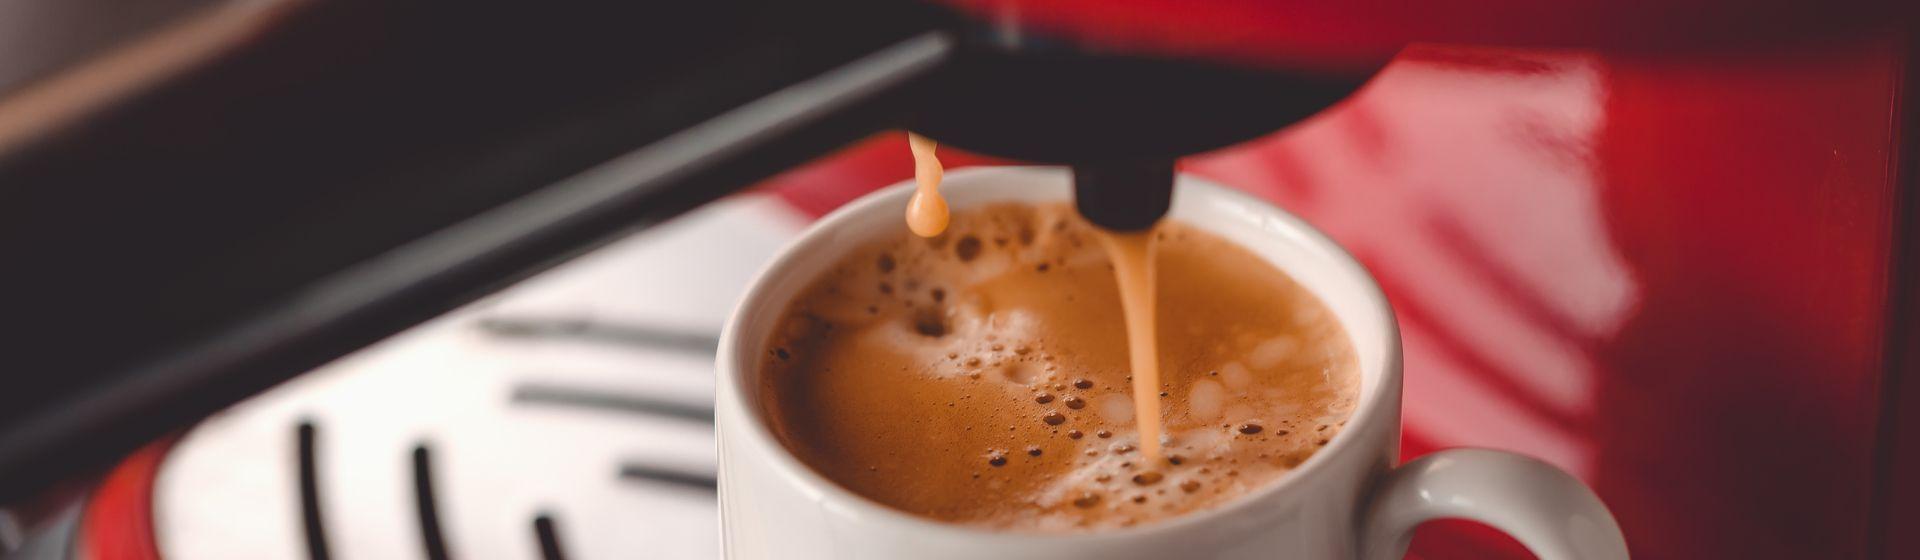 Cafeteira Três Corações Expresso Multi Bebidas Lov é boa?